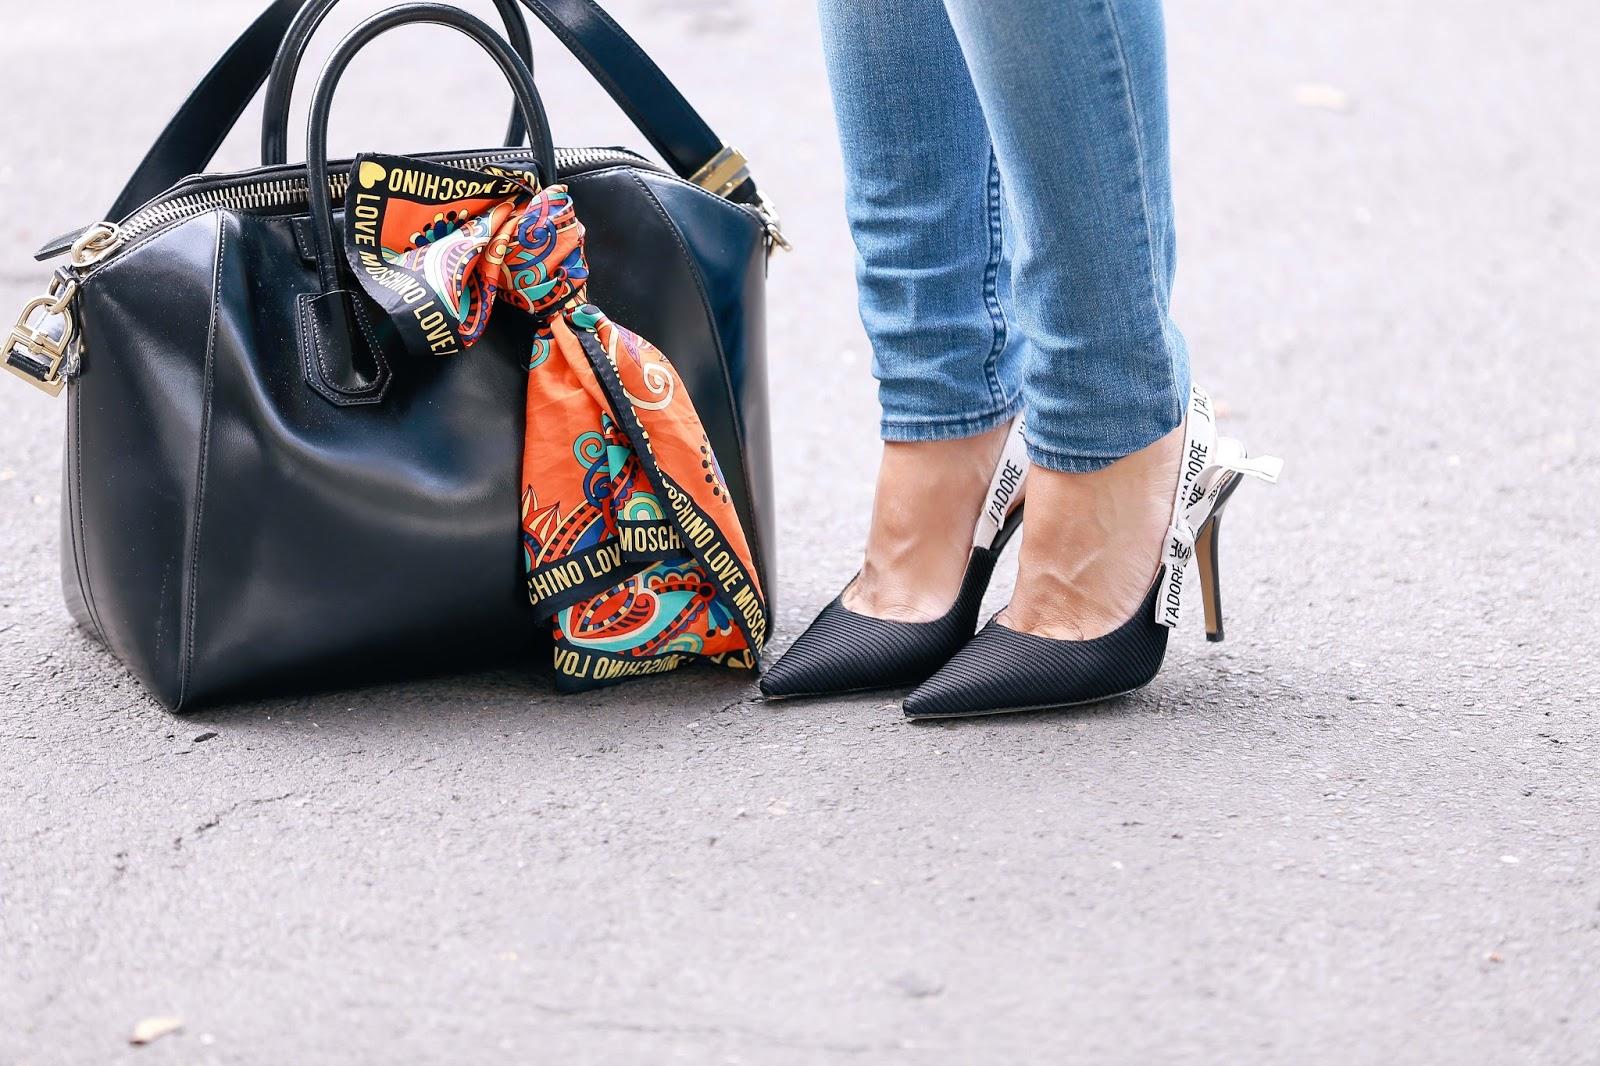 Dior-givenchy-jadore-dior-high-heels-schuhe-givency-antigona-tasche-fashionblogger